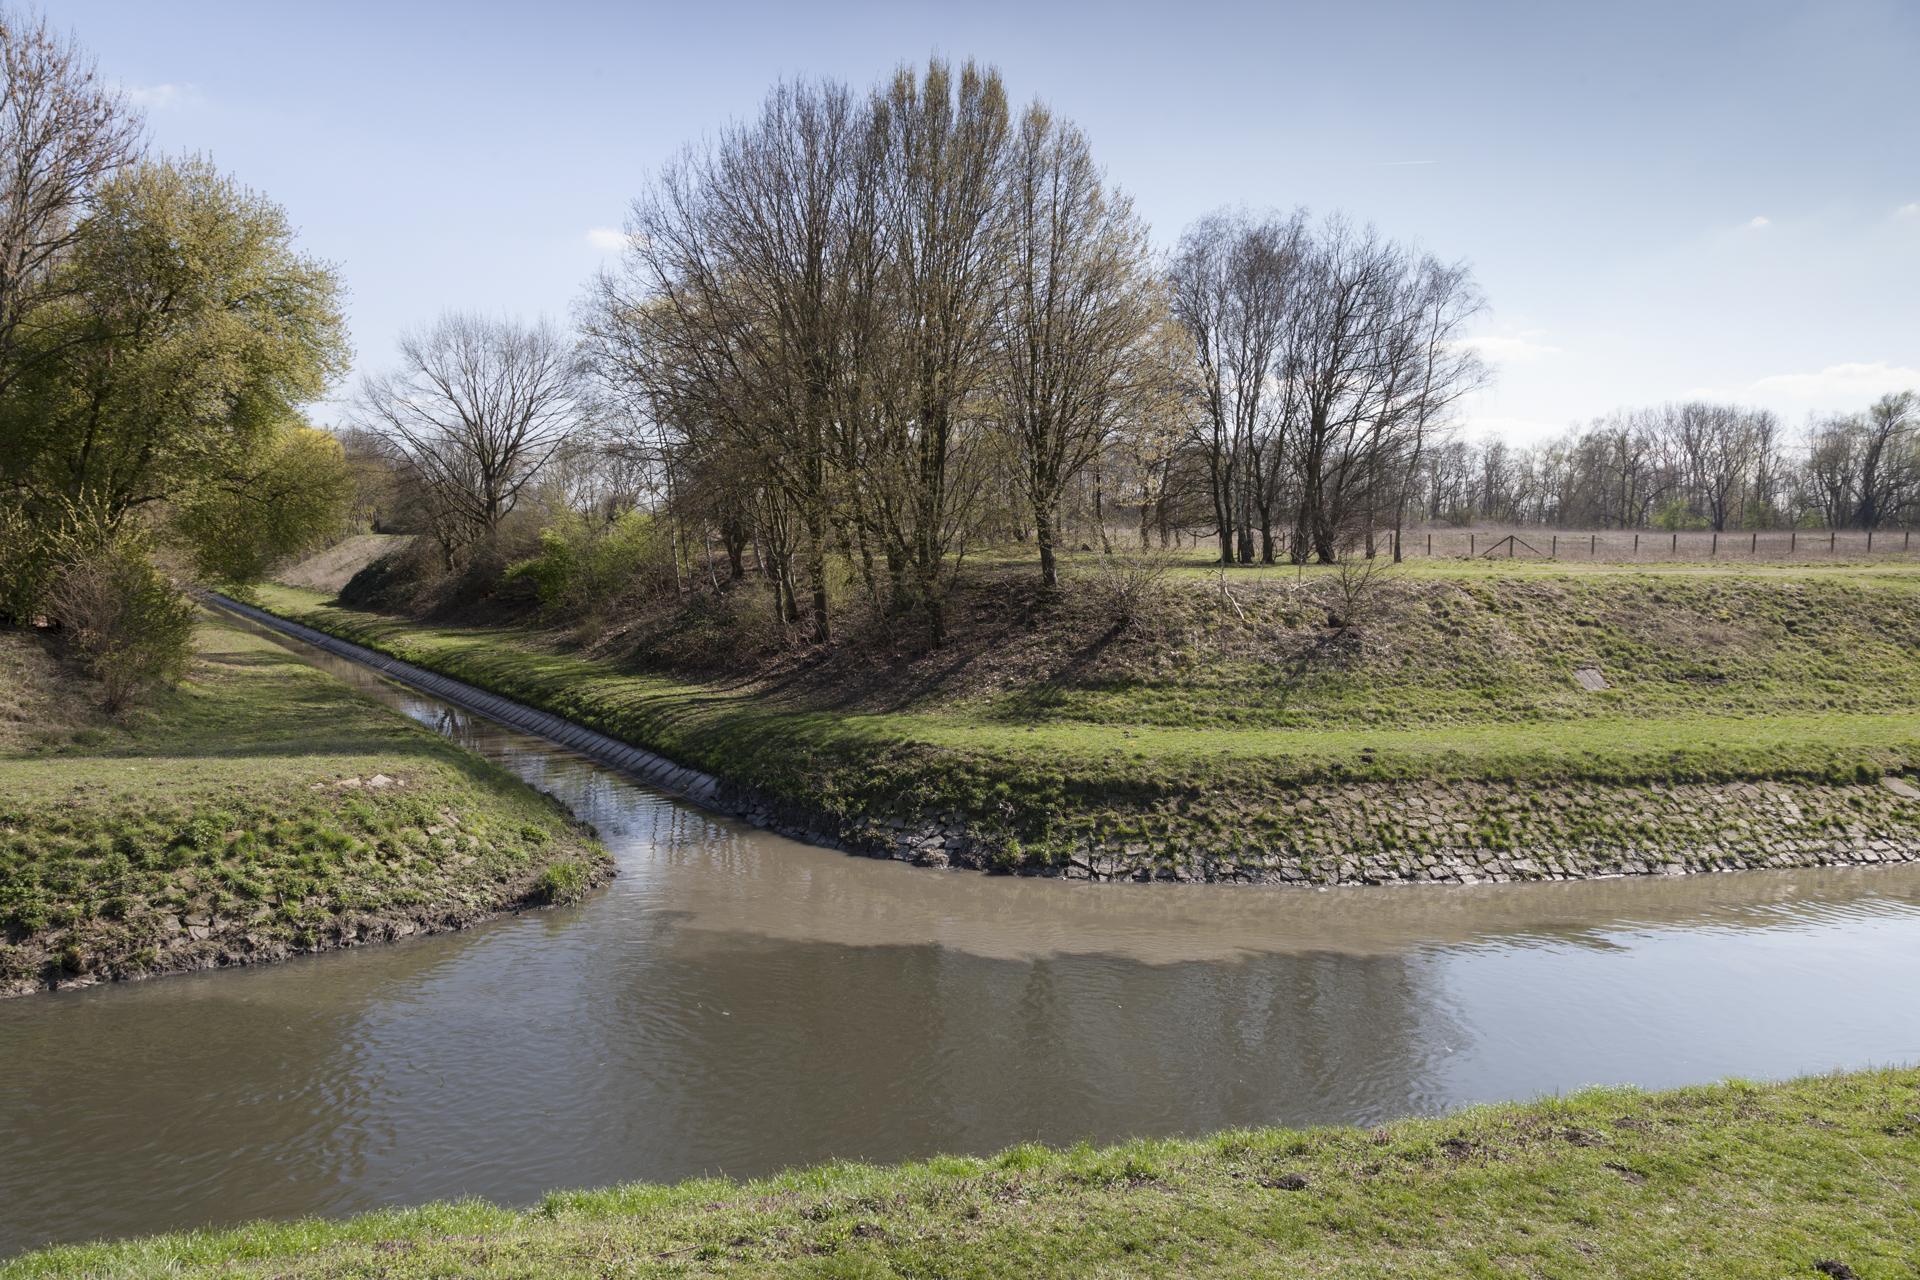 Landwehrbach in Herne, Einfluss in die Emscher